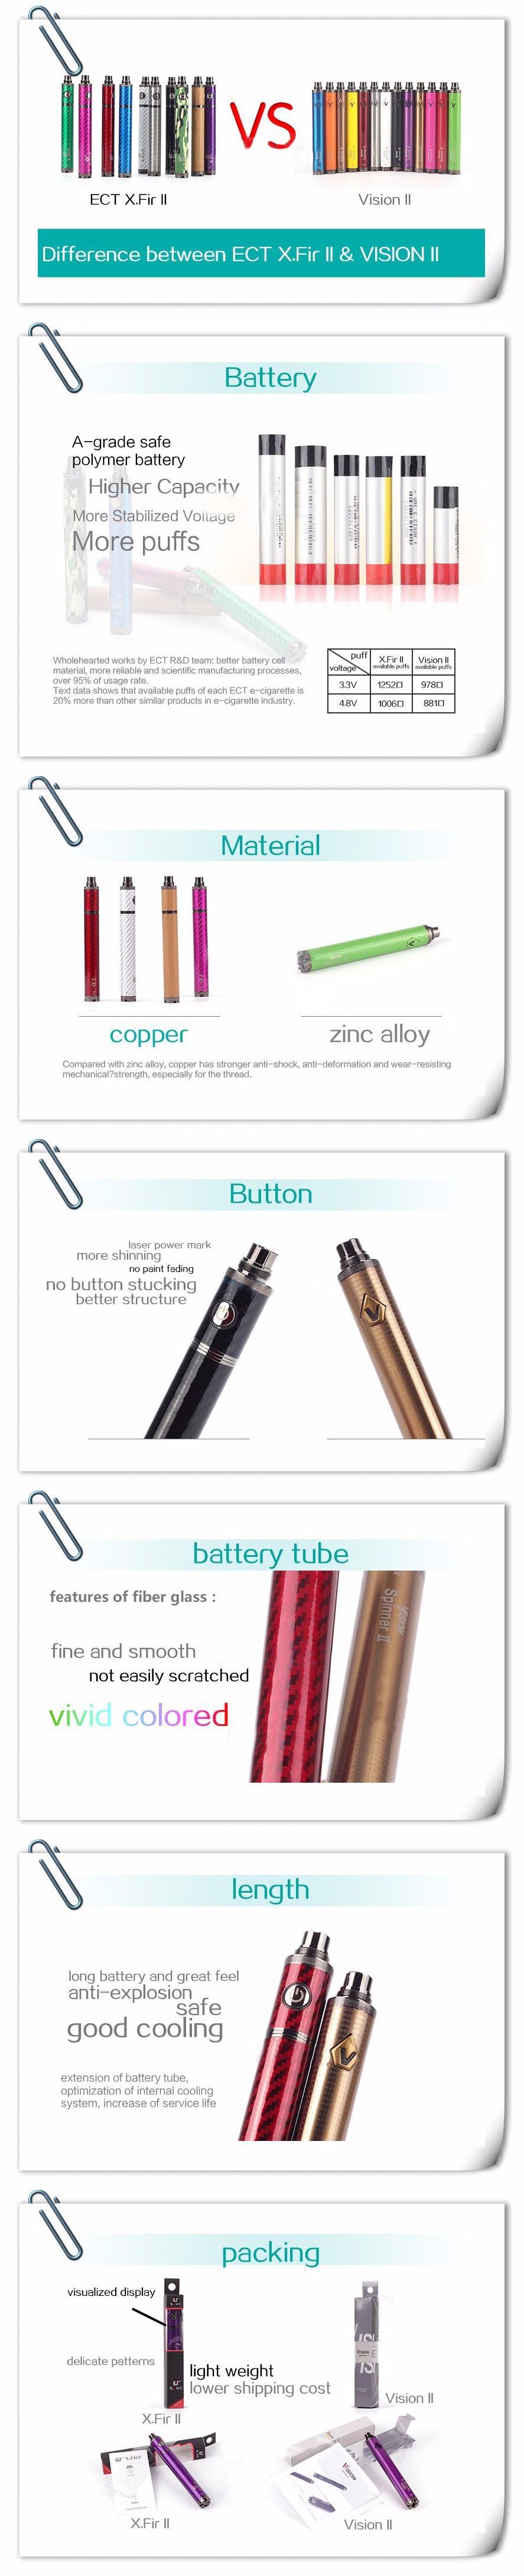 ถูก ของแท้2016 Eบุหรี่วิสัยทัศน์Xเฟอร์II 1600มิลลิแอมป์ชั่วโมงแบตเตอรี่แรงดันไฟฟ้าบิดพอดีอาตมา510กระทู้เครื่องฉีดน้ำควันอิเล็กทรอนิกส์บุหรี่